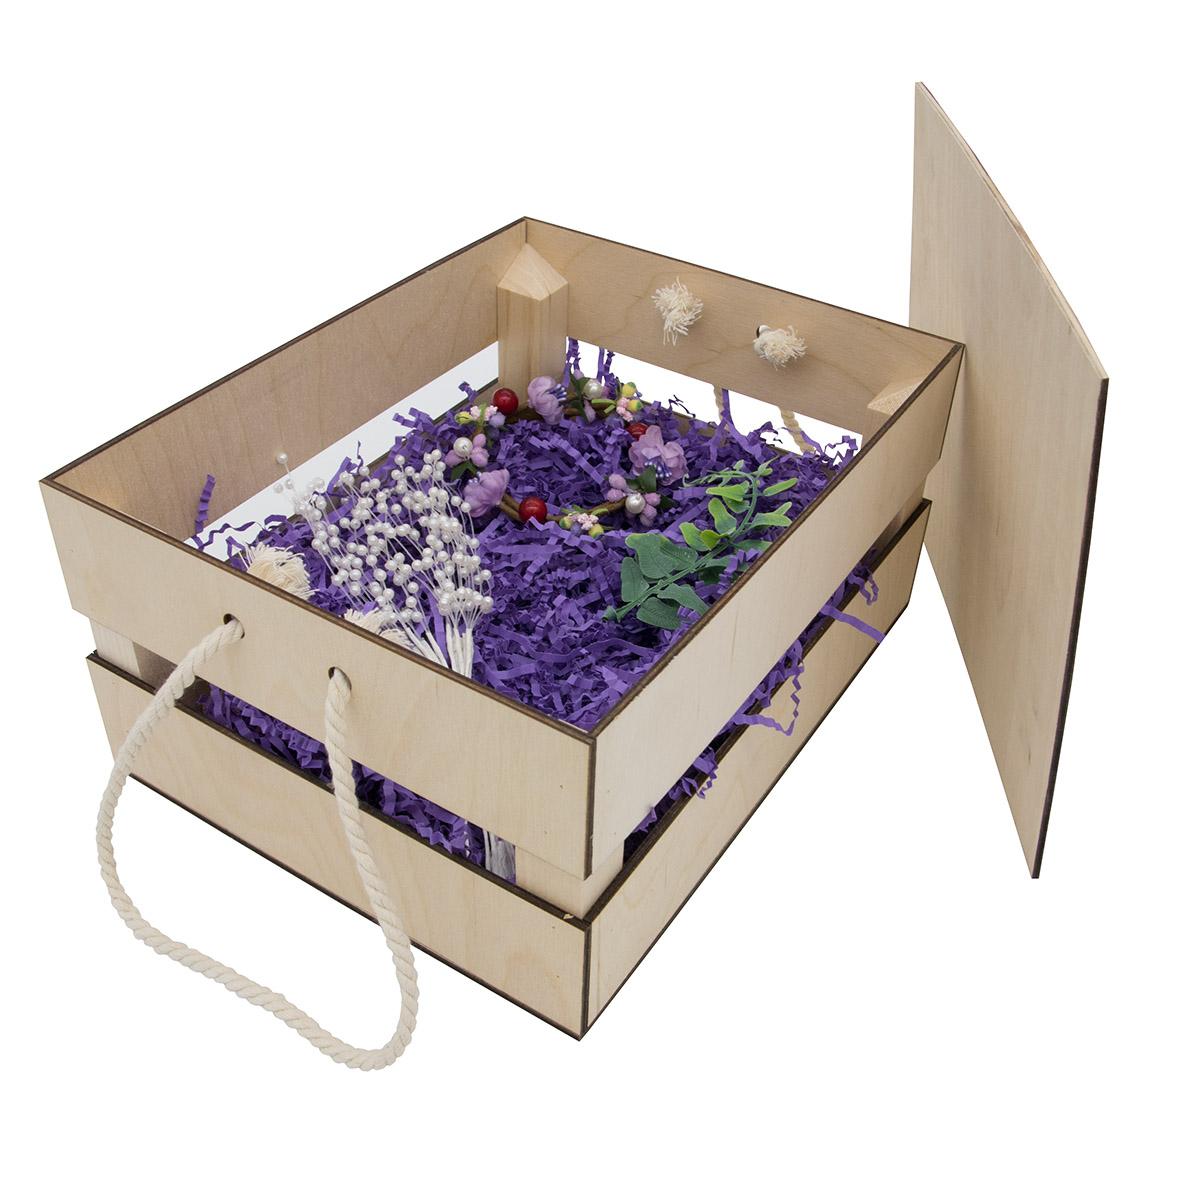 НА-023 Набор для оформления подарка 'Фиолет', ящик 25*30 см, белый